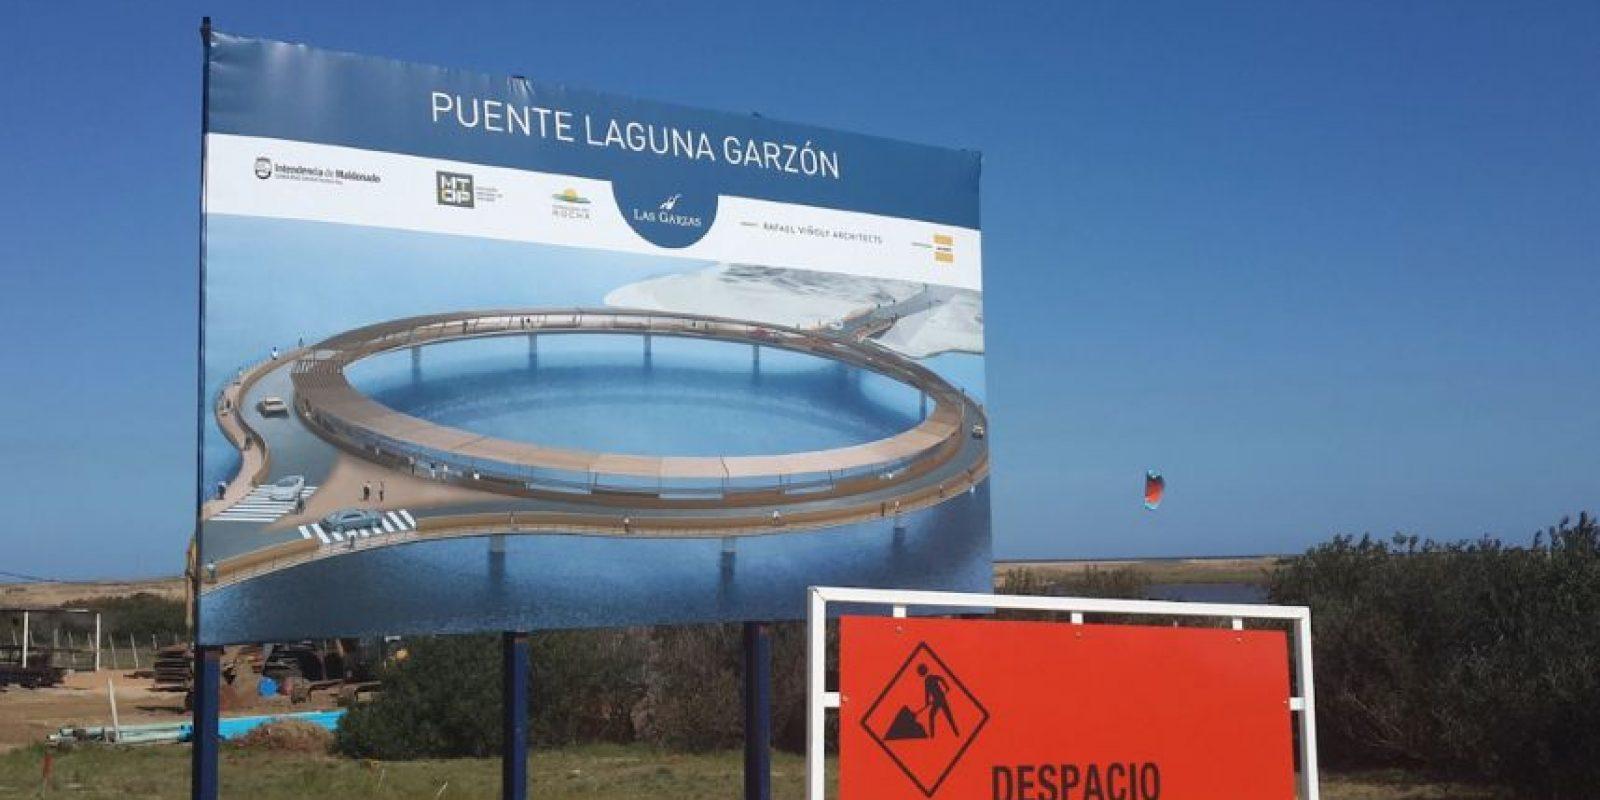 """De acuerdo con el diario uruguayo """"El País"""", la entrega del Puente Laguna Garzón está programada para el 22 de diciembre. Foto:Vía facebook.com/lagunagarzon"""